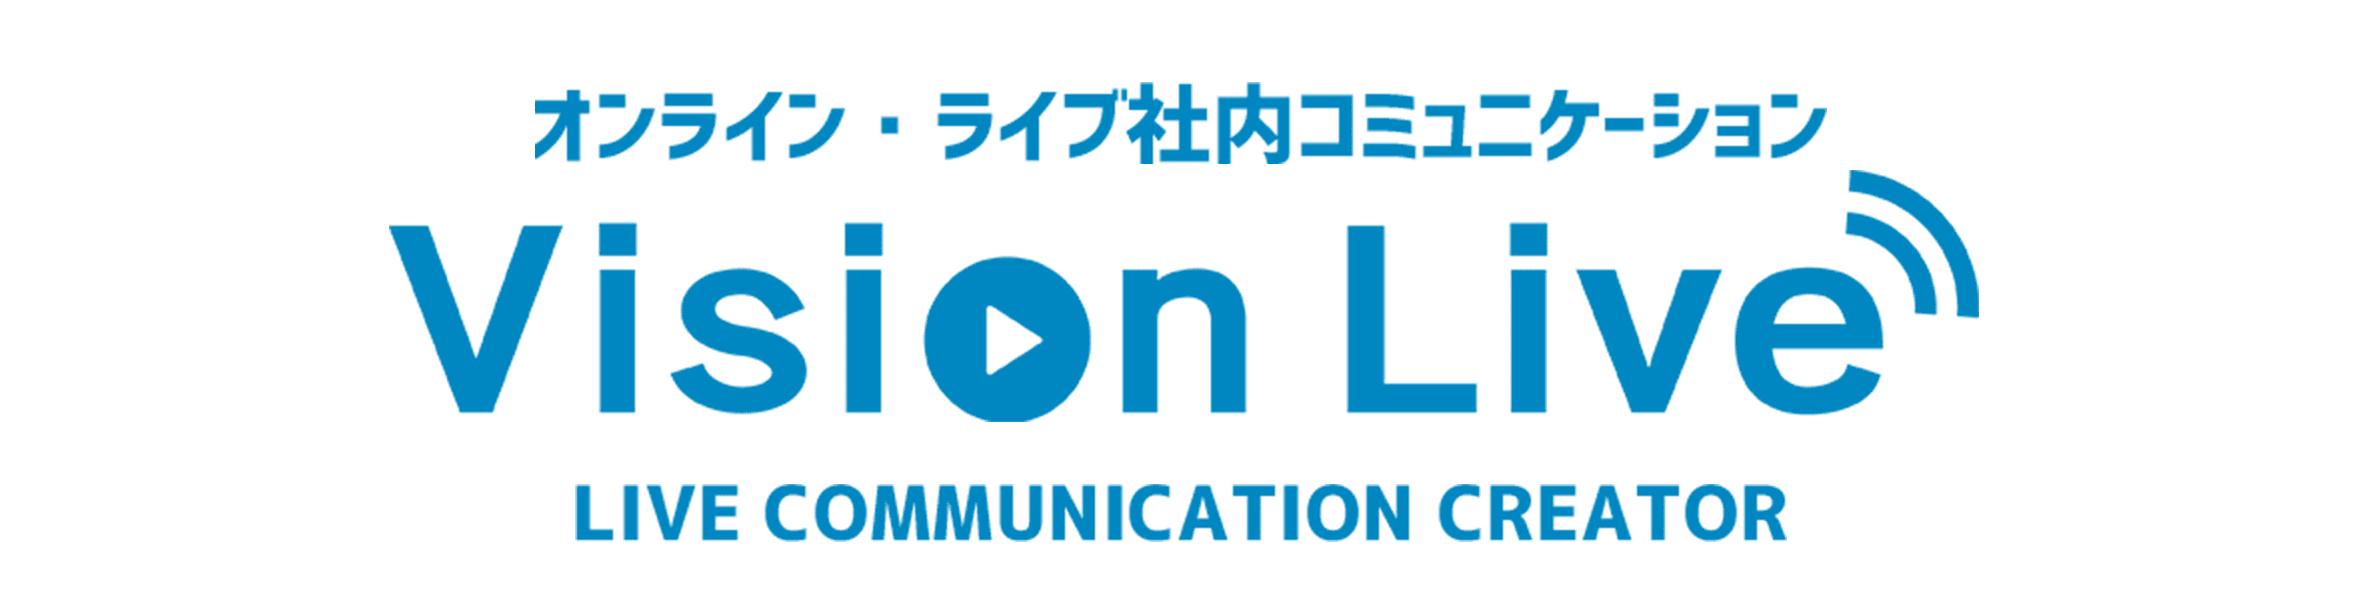 オンライン・ライブ社内コミュニケーション Vision Live